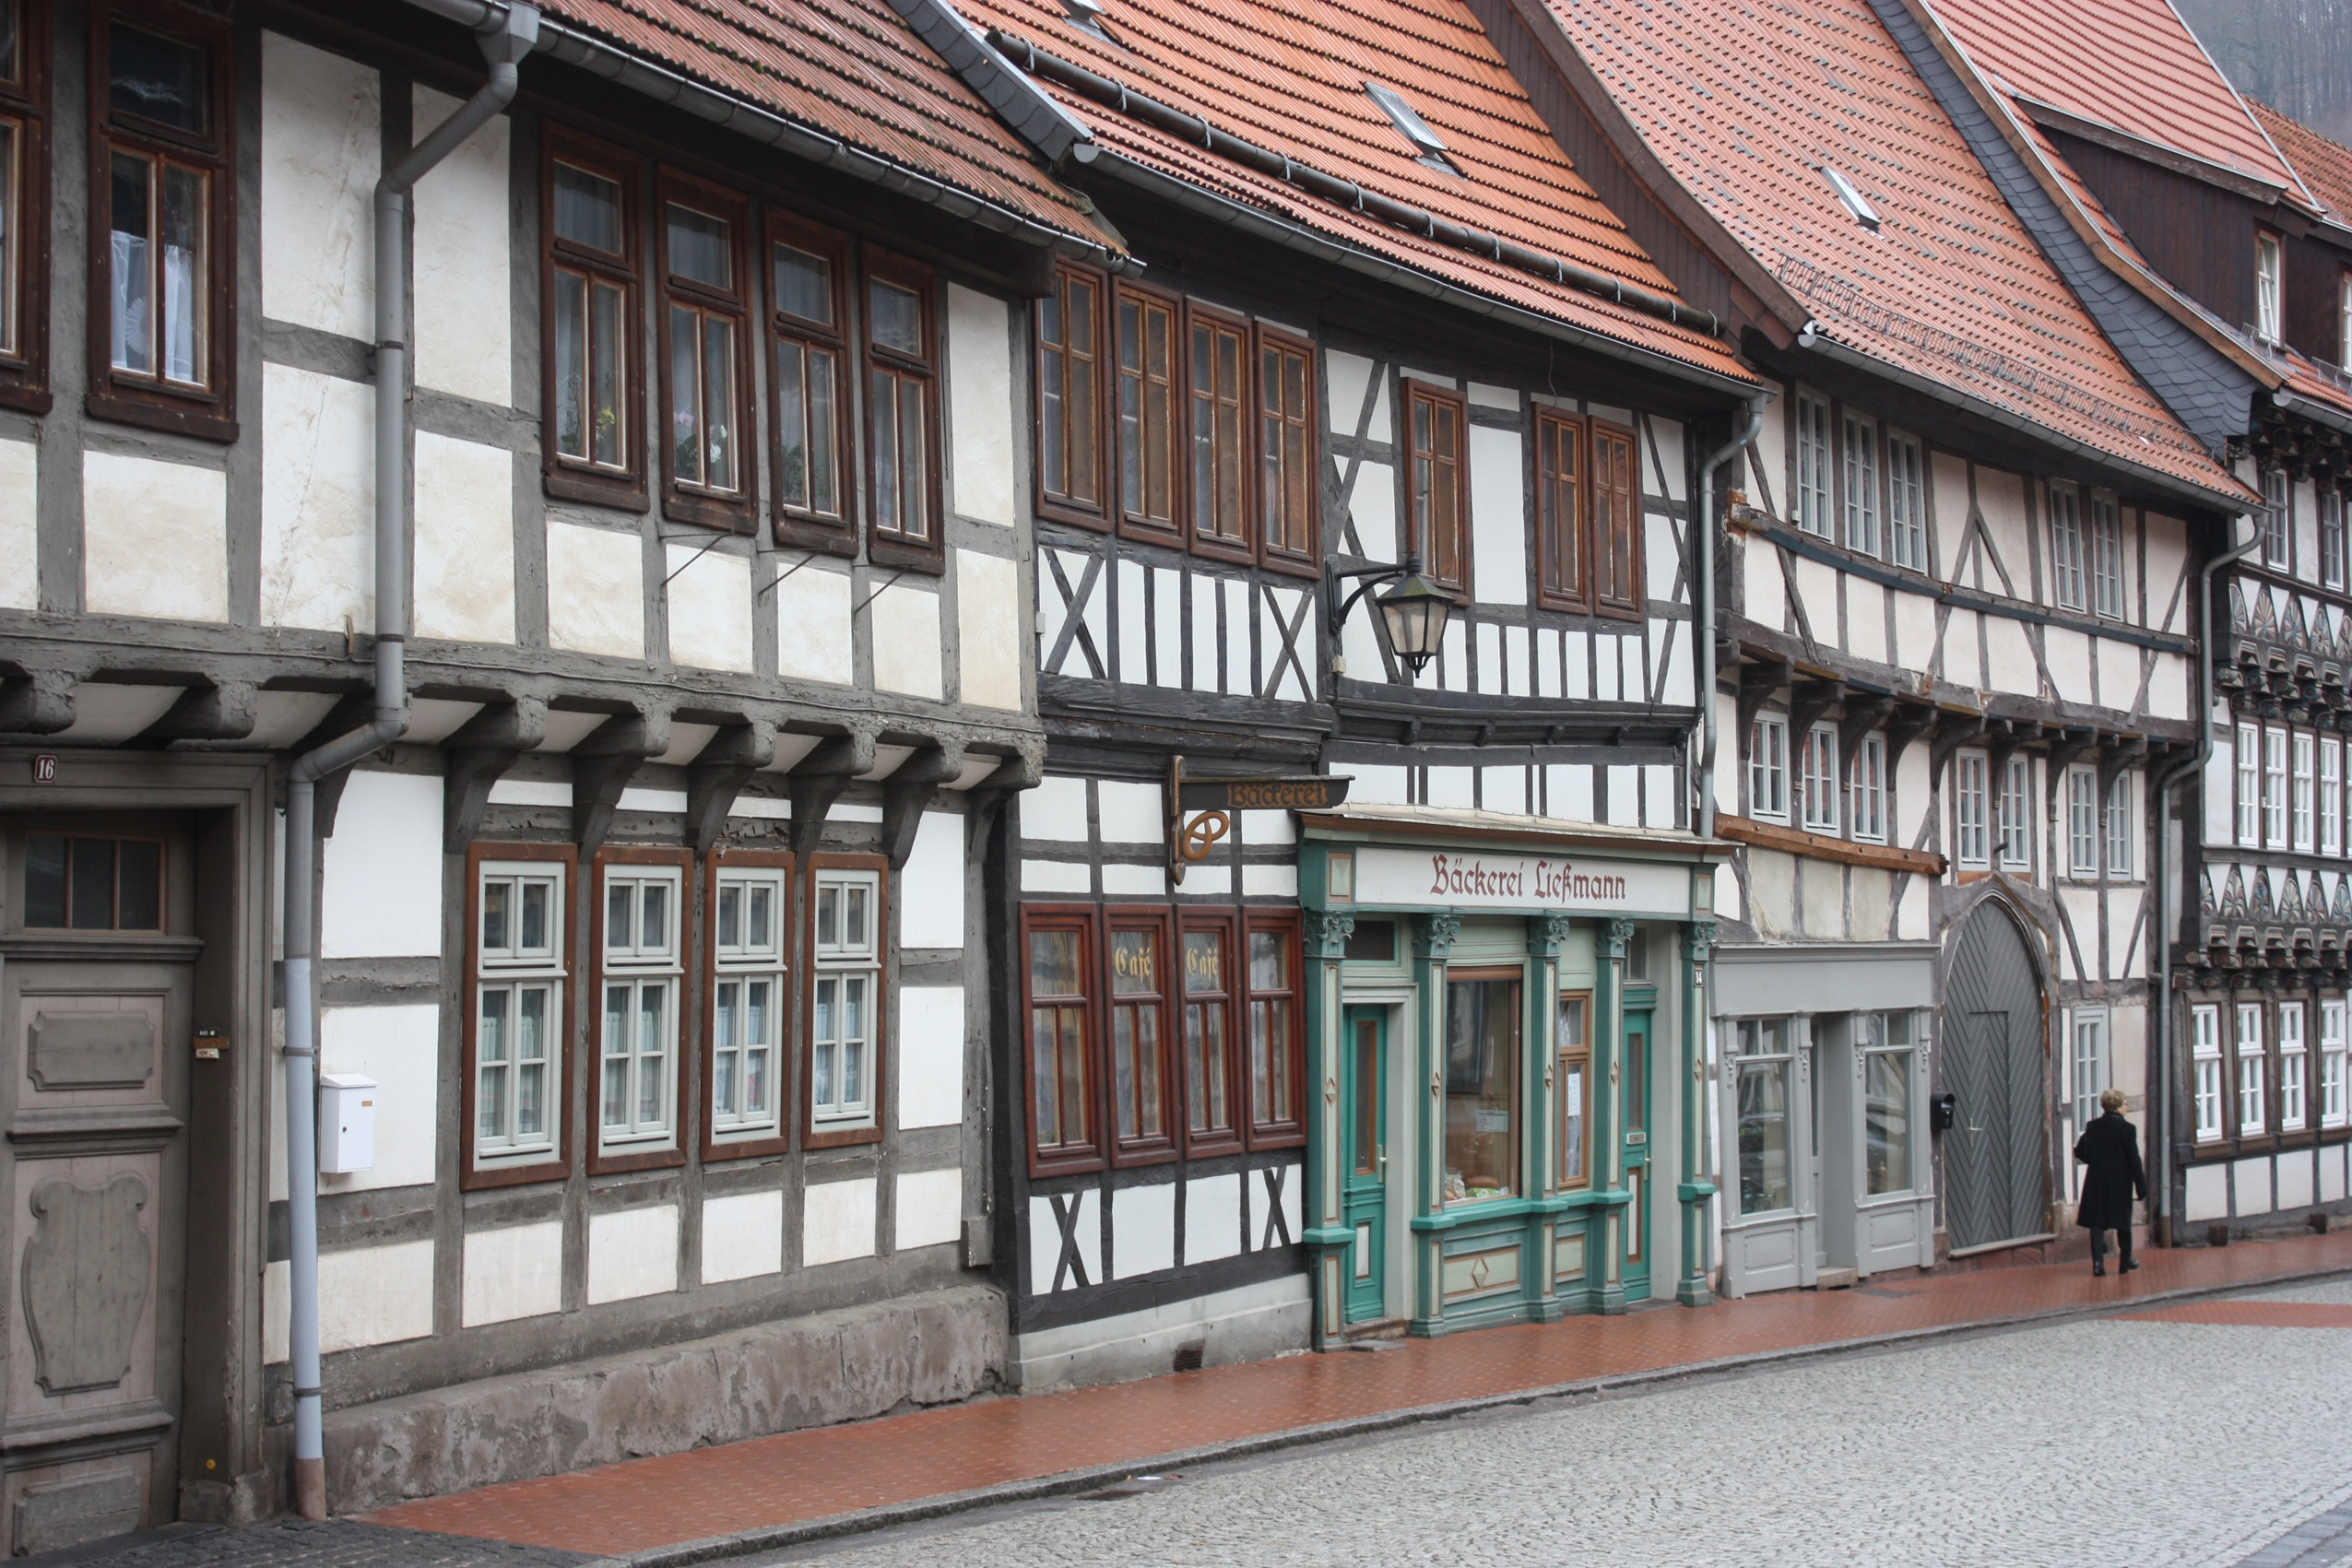 Datei:Stolberg (Harz), die Häuser Am Markt 12, 14 und 16.jpg – Wikipedia